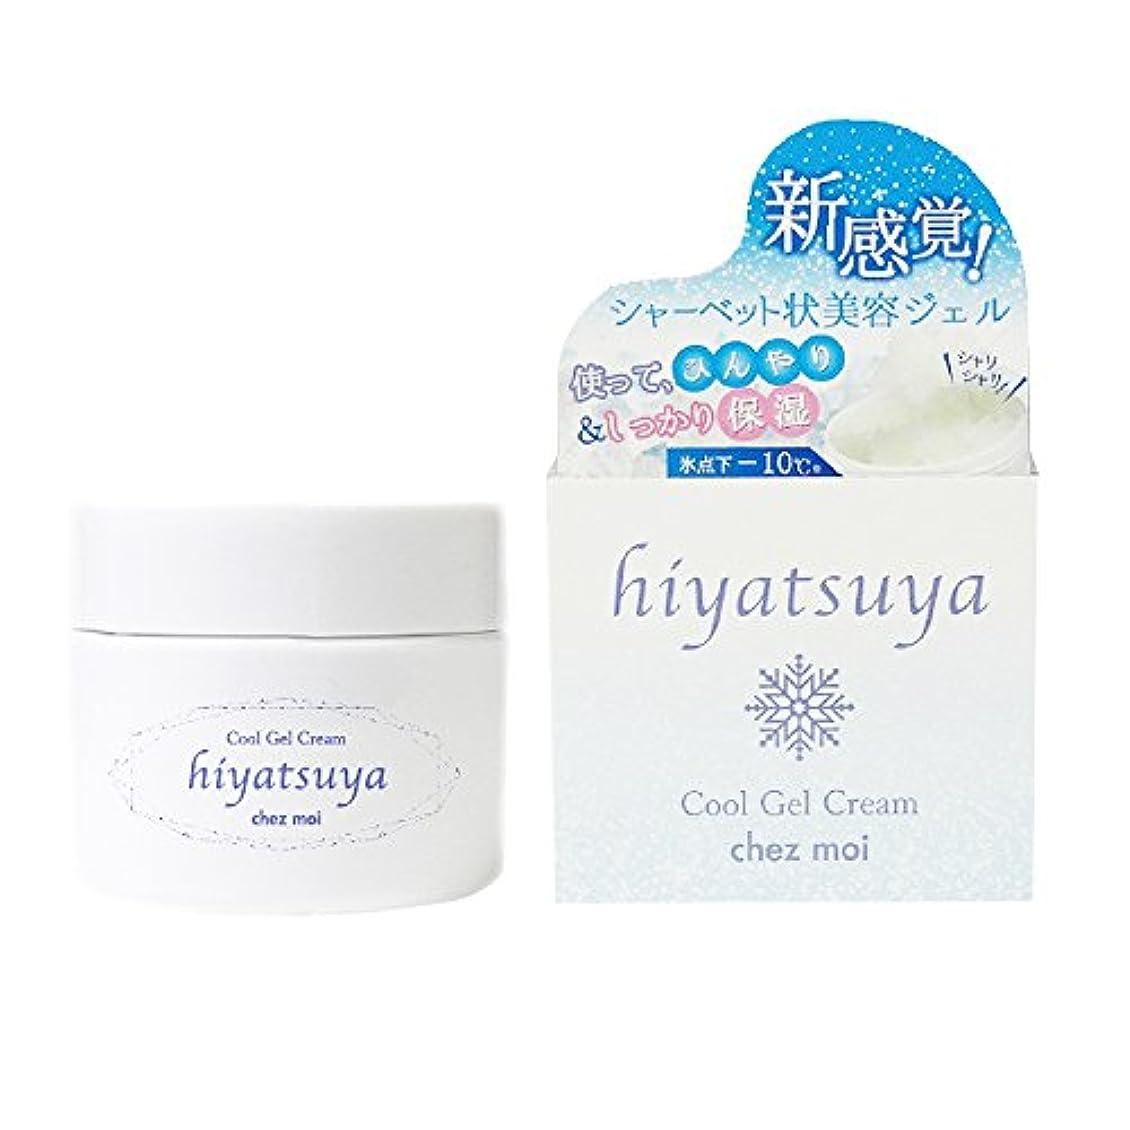 グレード珍味ポットシェモア hiyatsuya(ヒヤツヤ) cool gel cream 70g